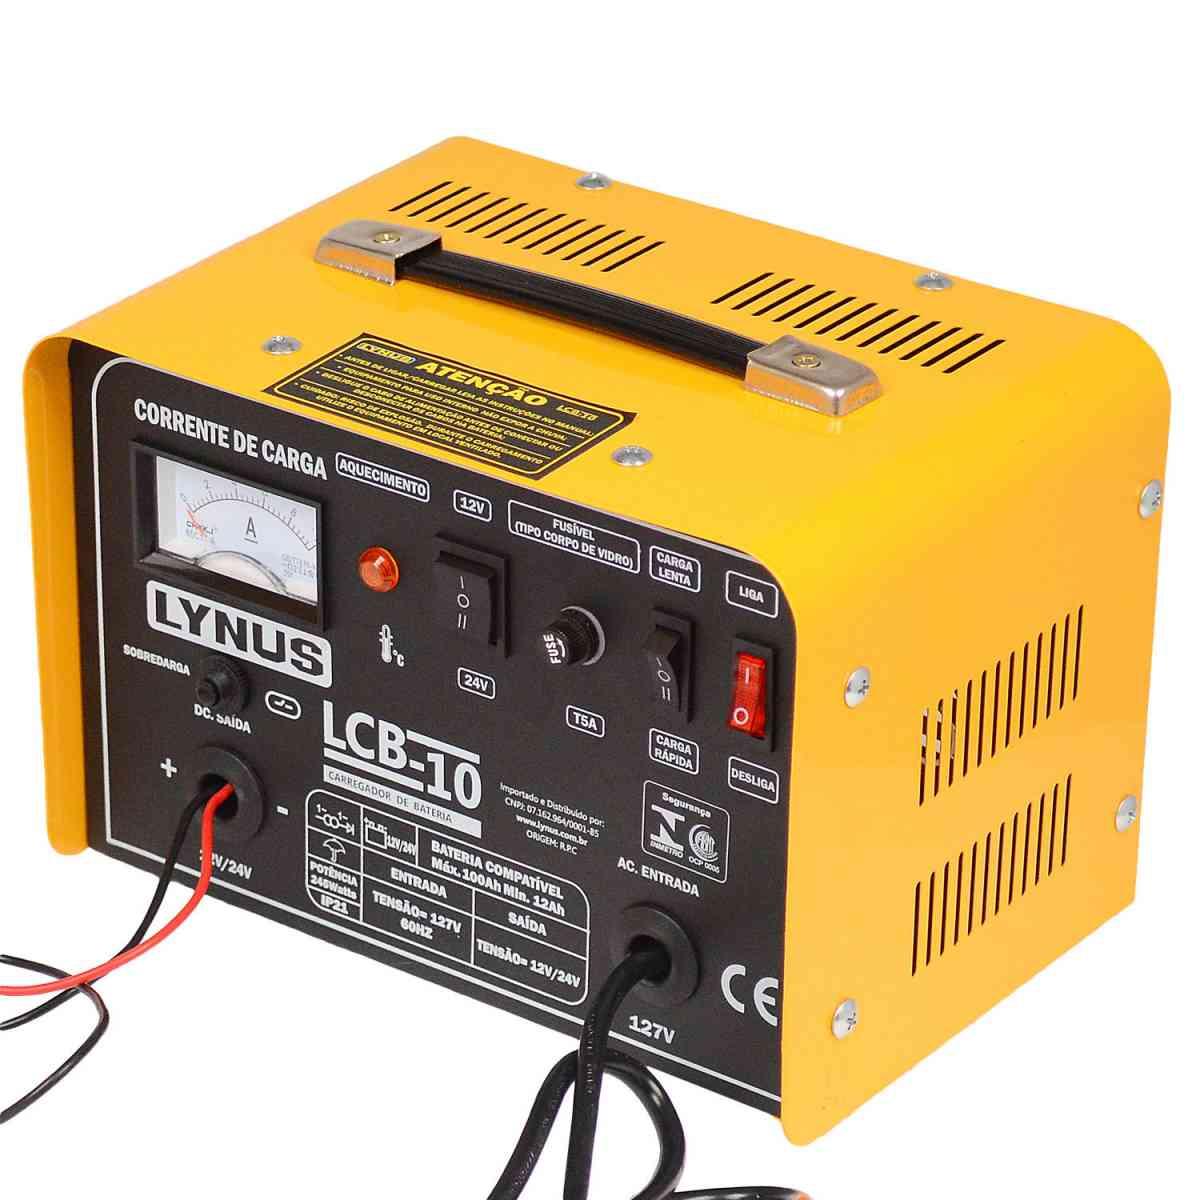 Carregador De Bateria 10A 12/24V Lcb-10 Lynus - 127V